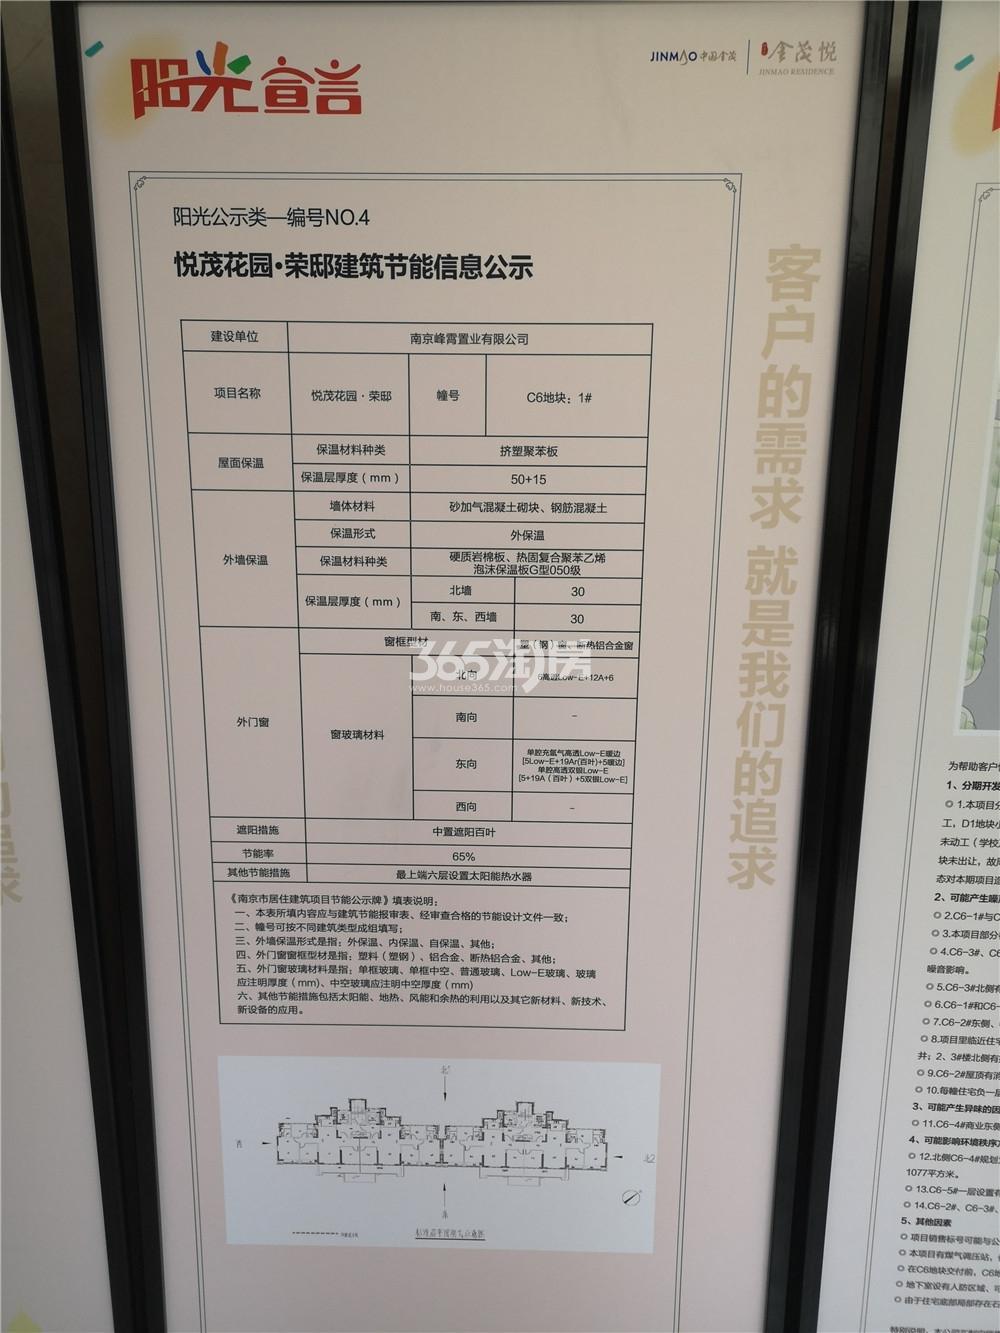 扬子江金茂悦C6地块节能信息公示